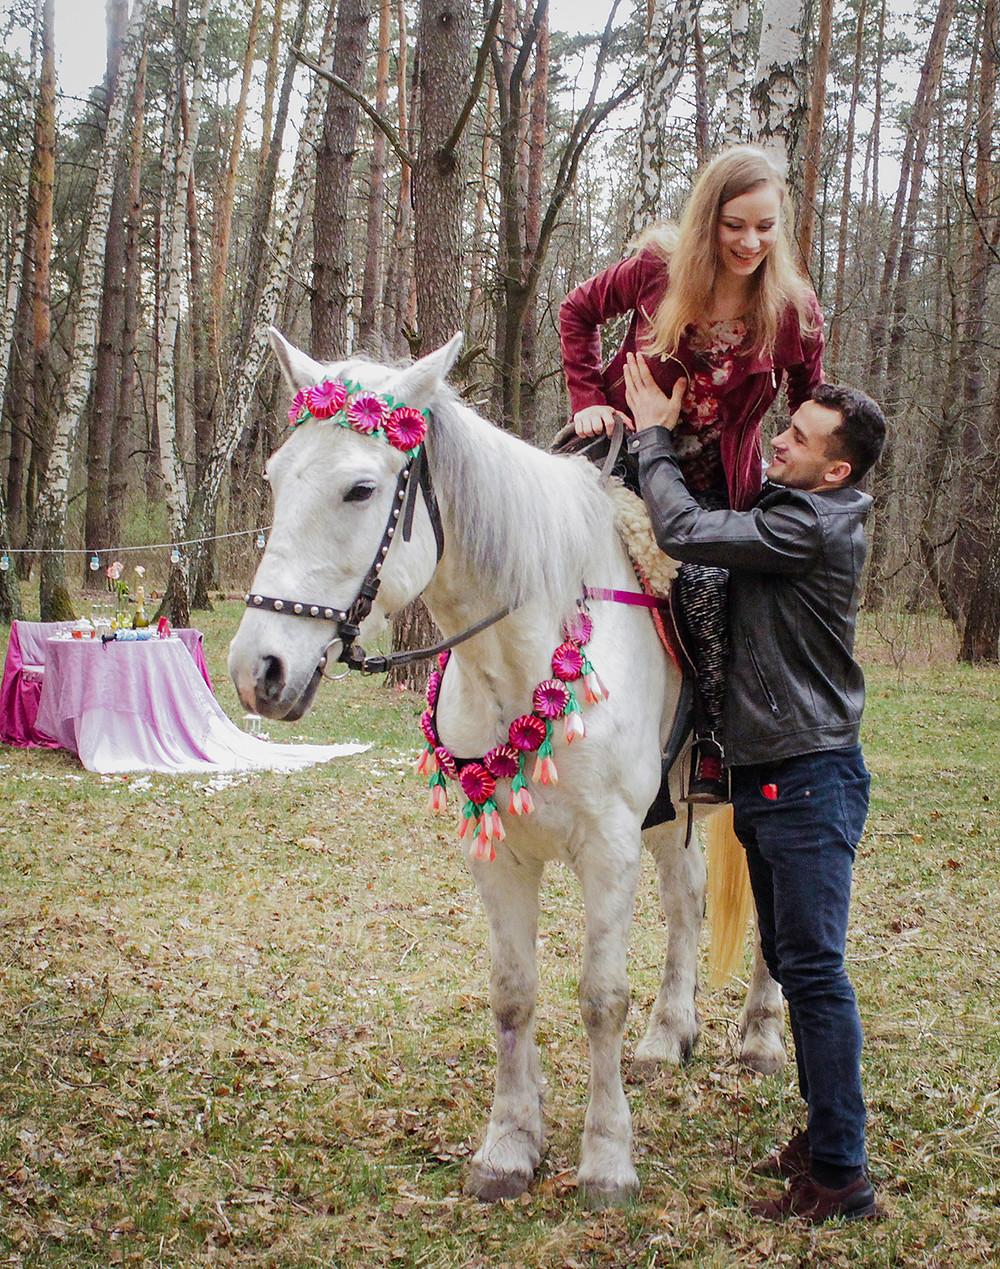 Альтечо, романтический ужин в лесу с прогулкой на лошадях 11